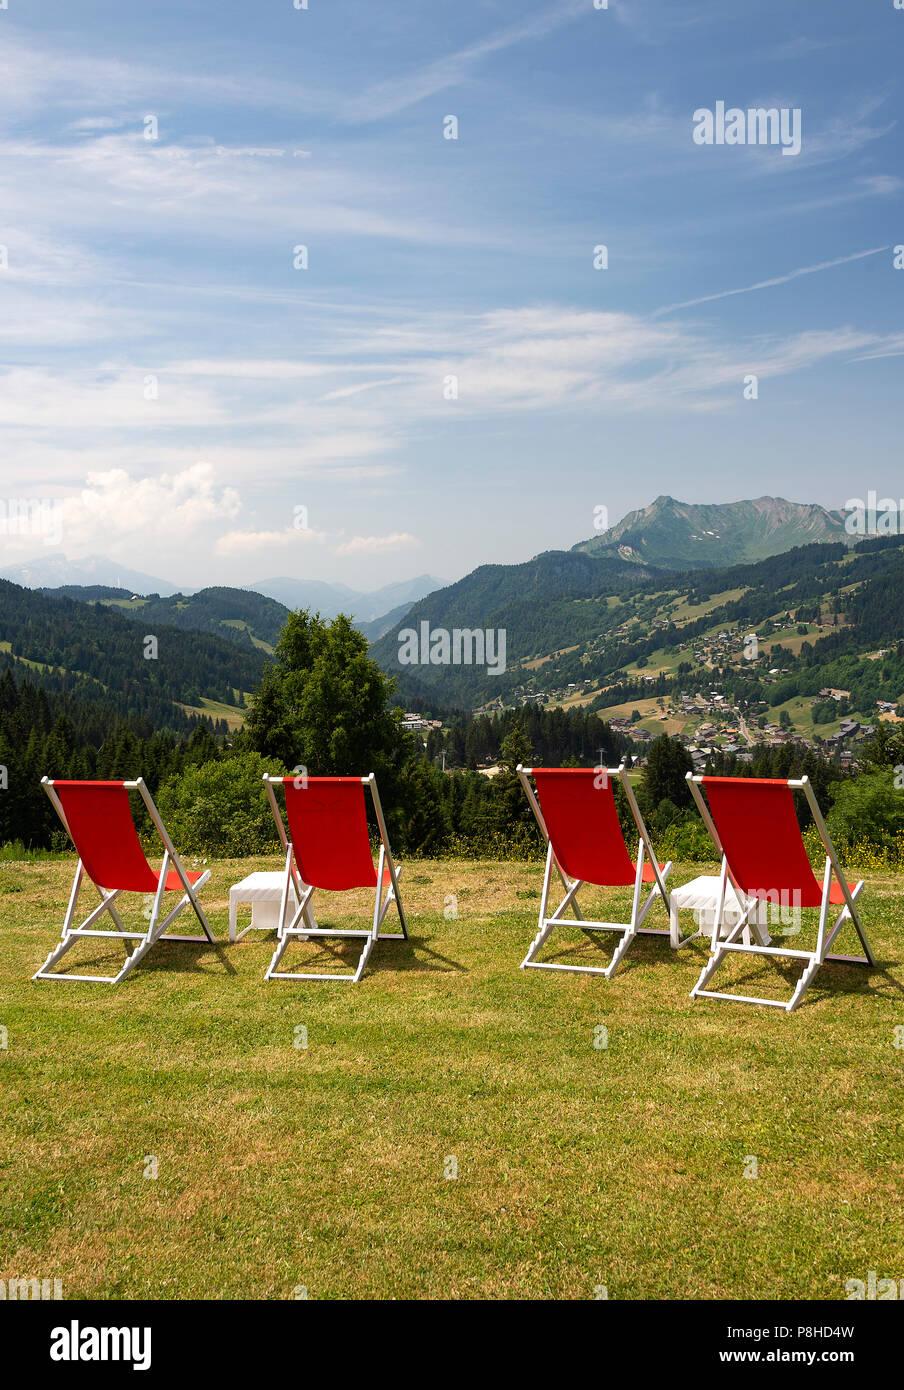 Rosso quattro sedie a sdraio nel giardino di Le Chasse-Montagne a Les Gets con viste sulla montagna in Haute Savoie Portes du Soleil Francia Immagini Stock